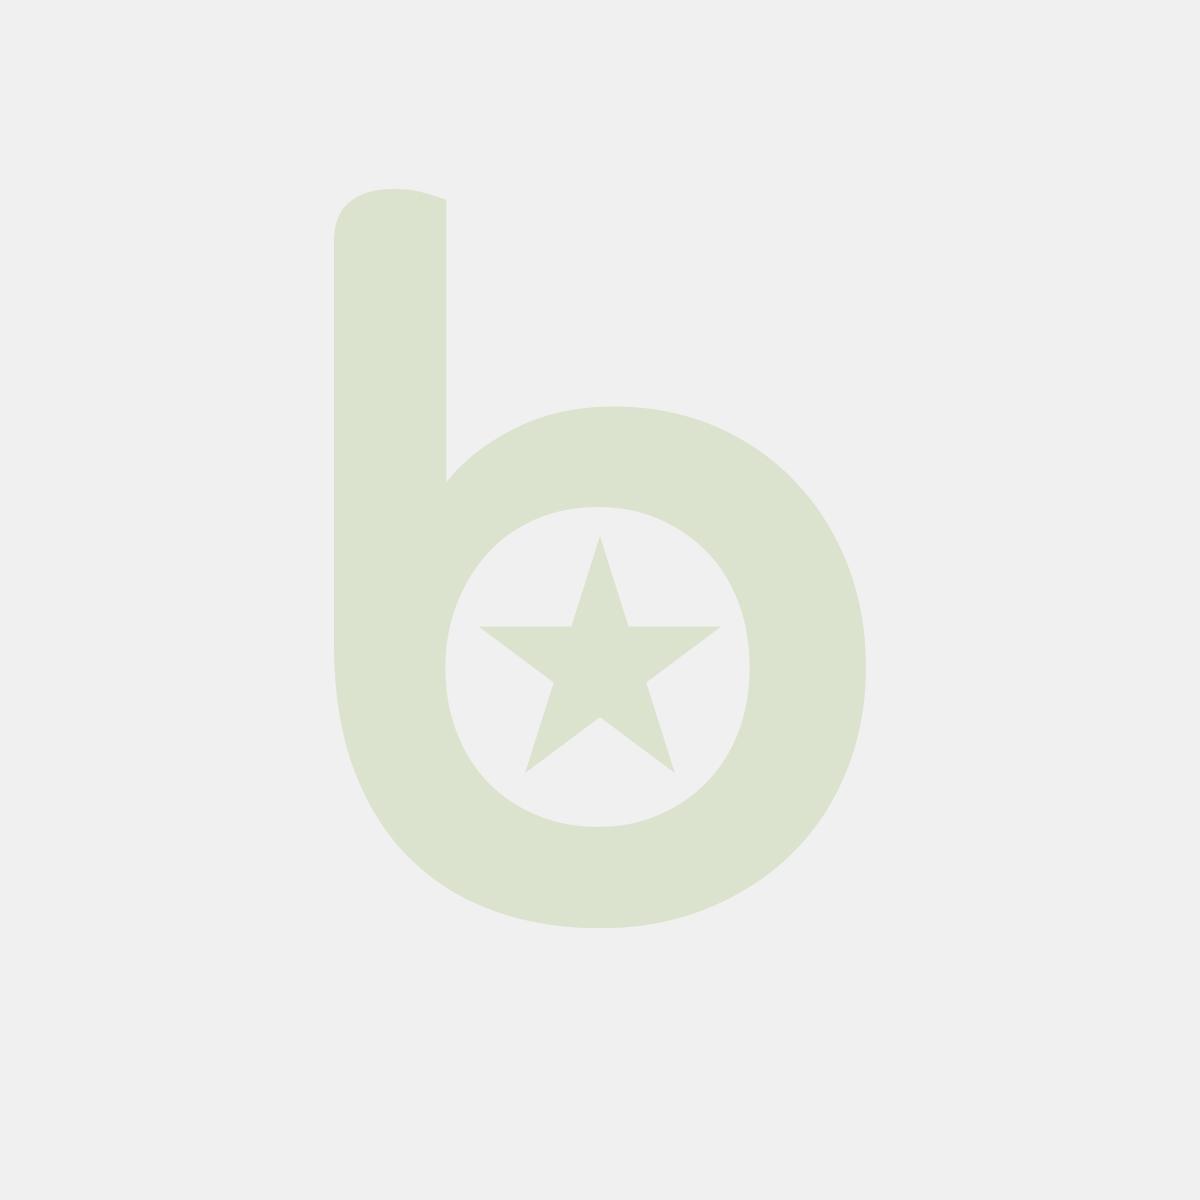 Płyta grillowa 1/2 gładka, 1/2 ryflowana - 203156